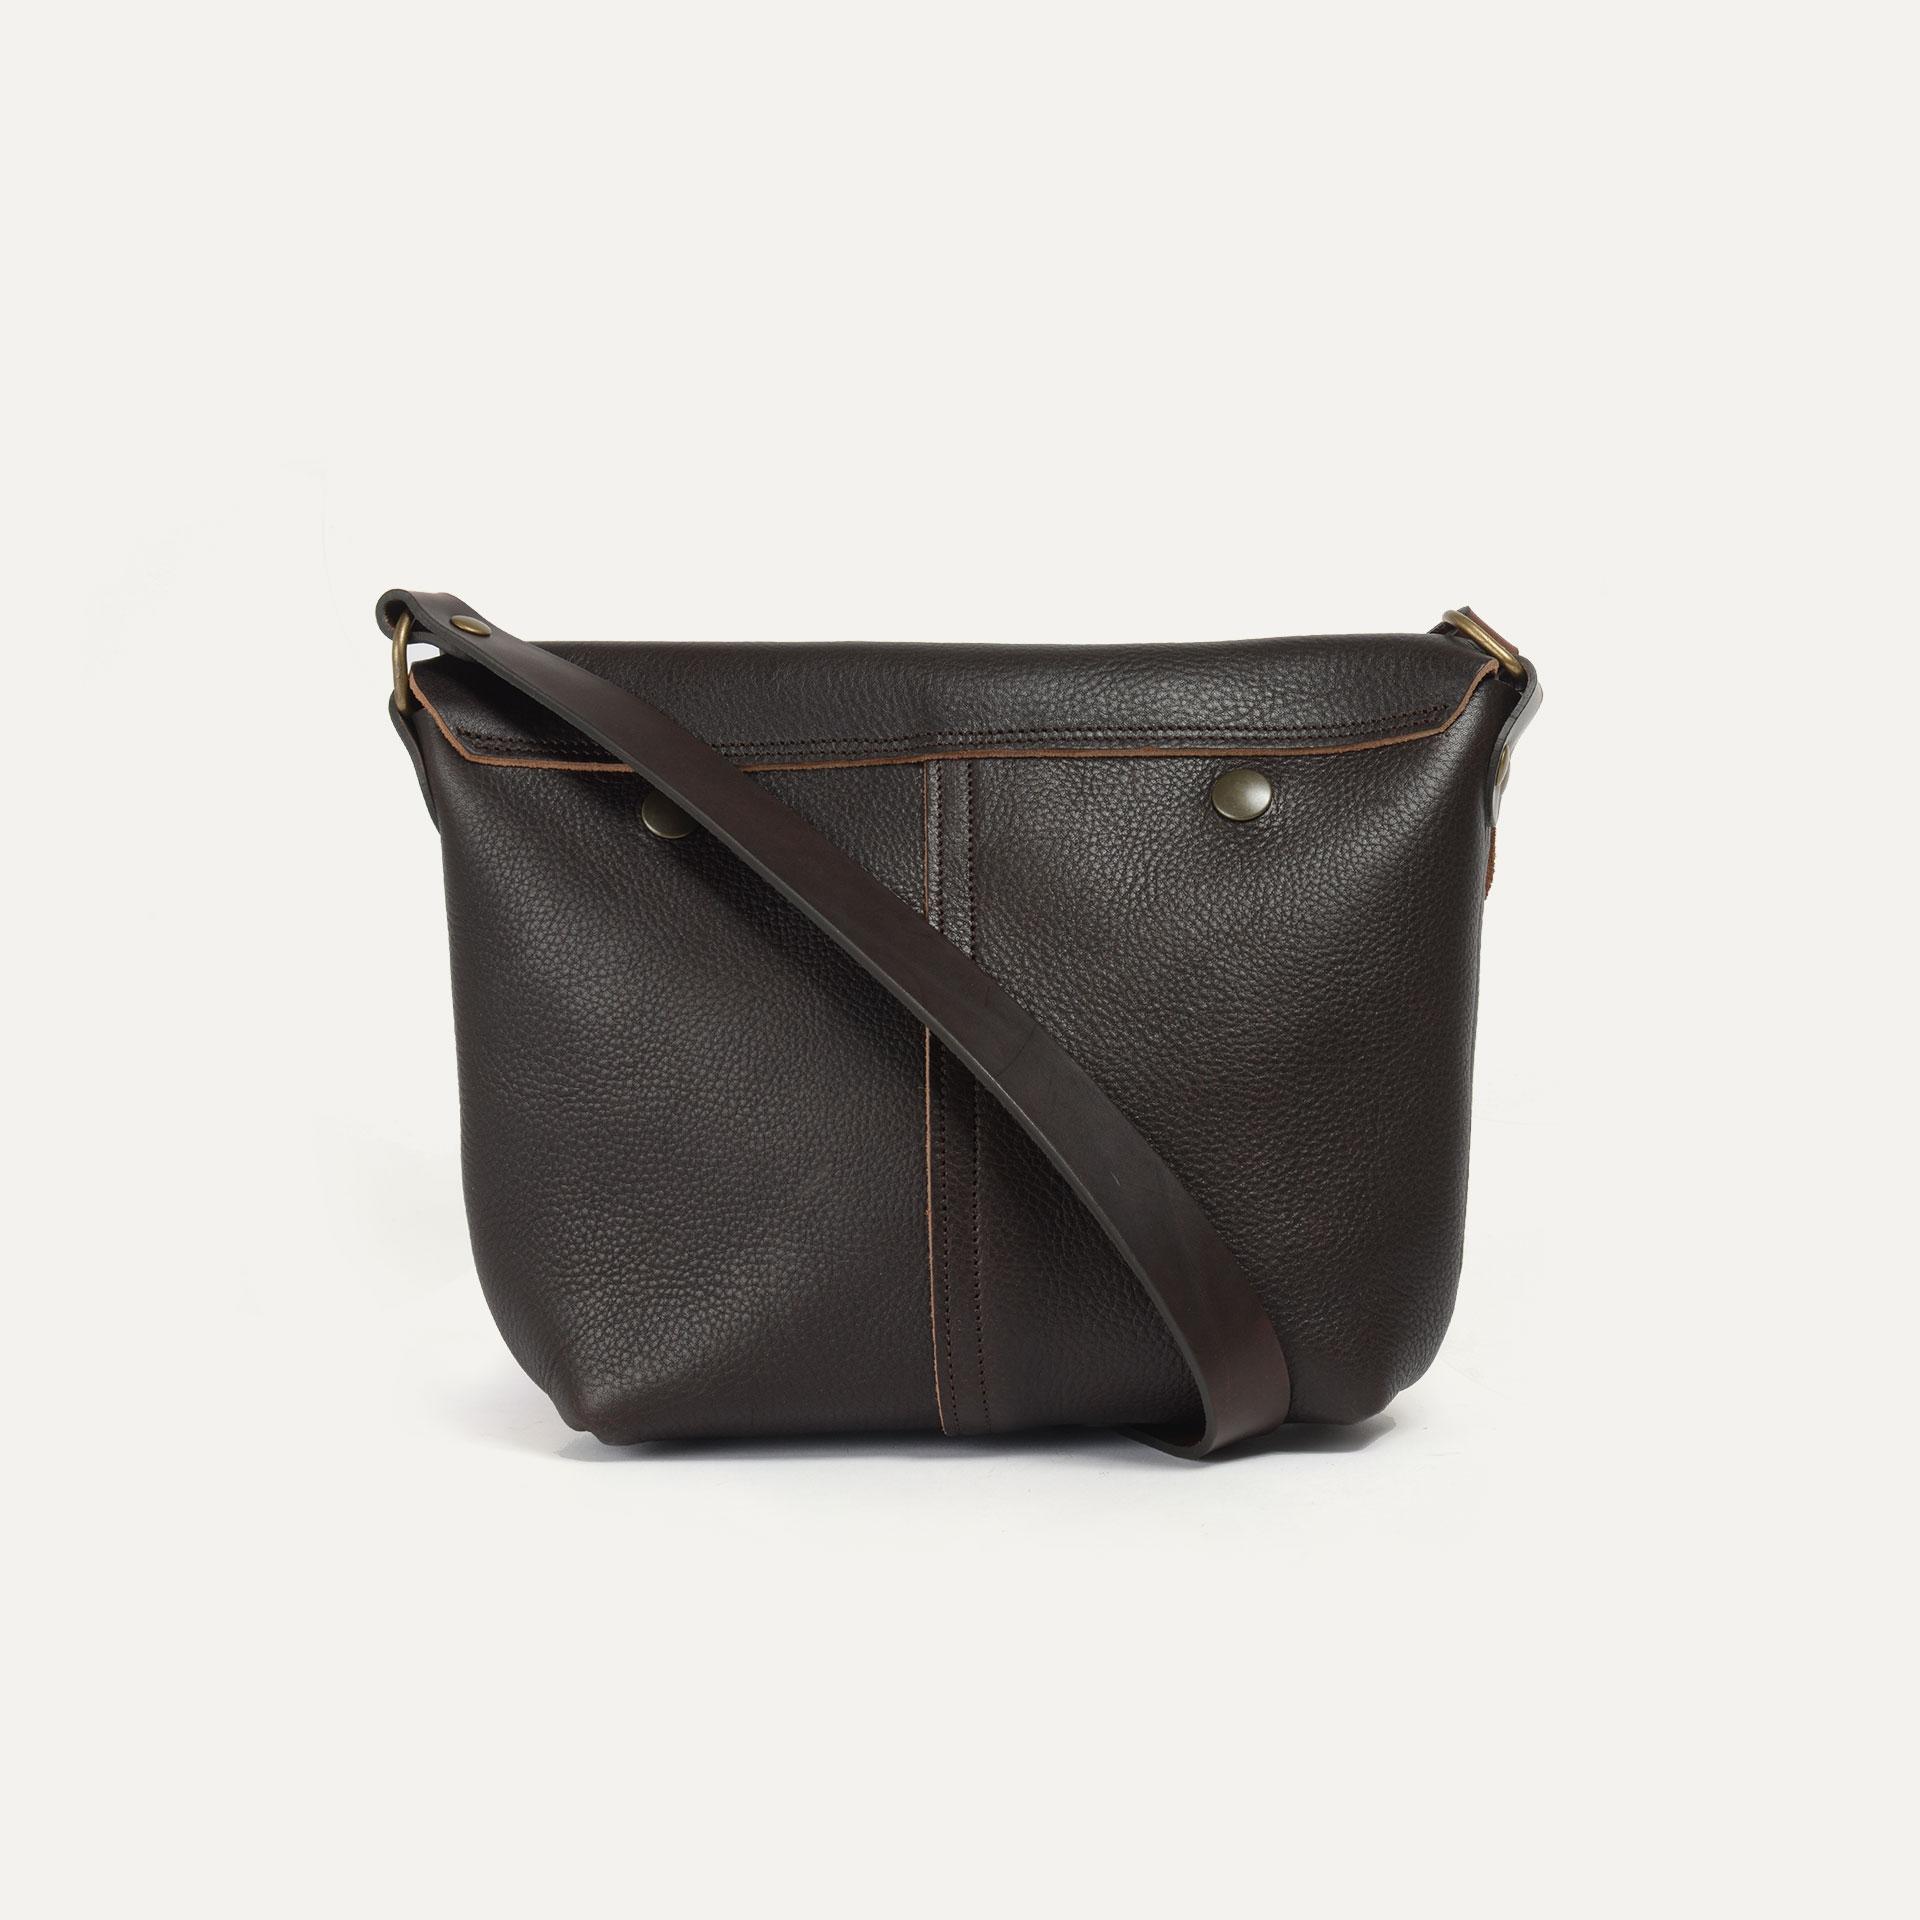 Louis Satchel bag - Dark Brown (image n°3)